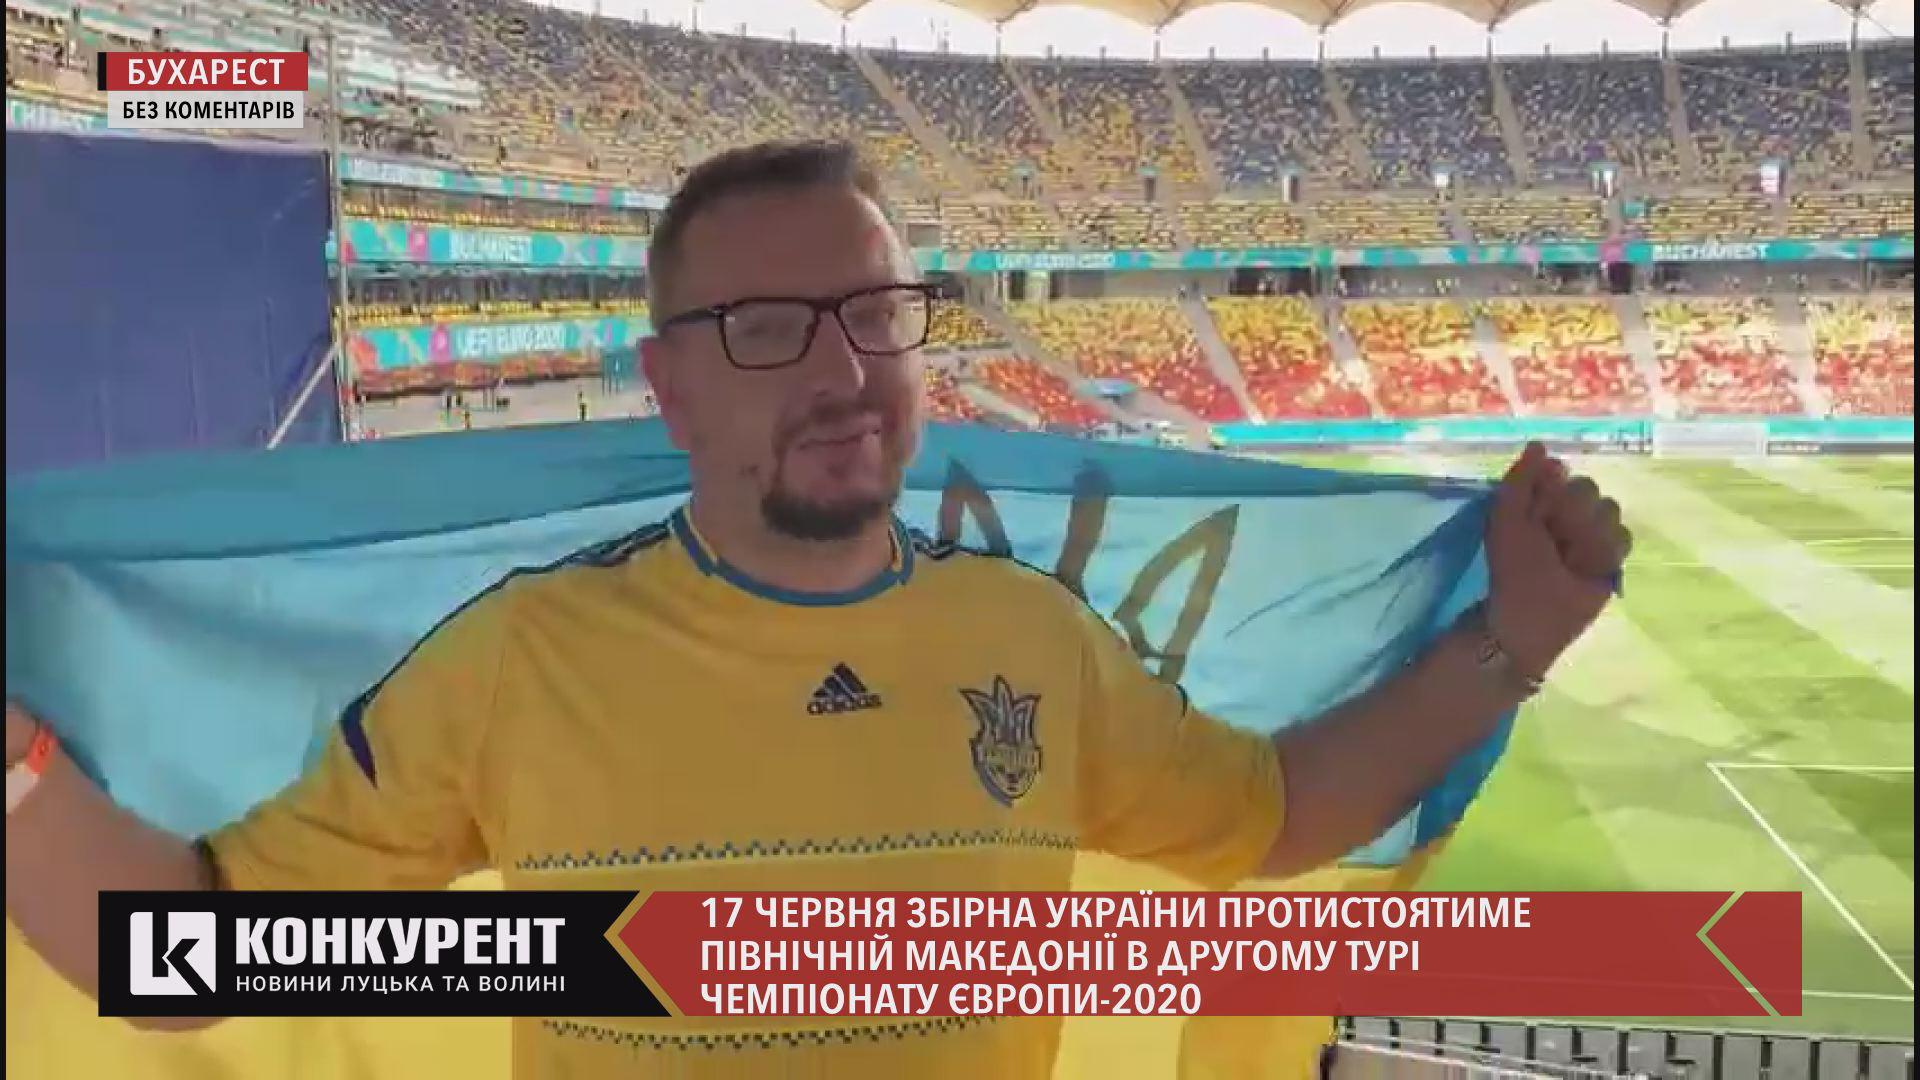 Прямо з Бухаресту: лучанин поділився враженнями від підготовки до матчу української збірної (відео)